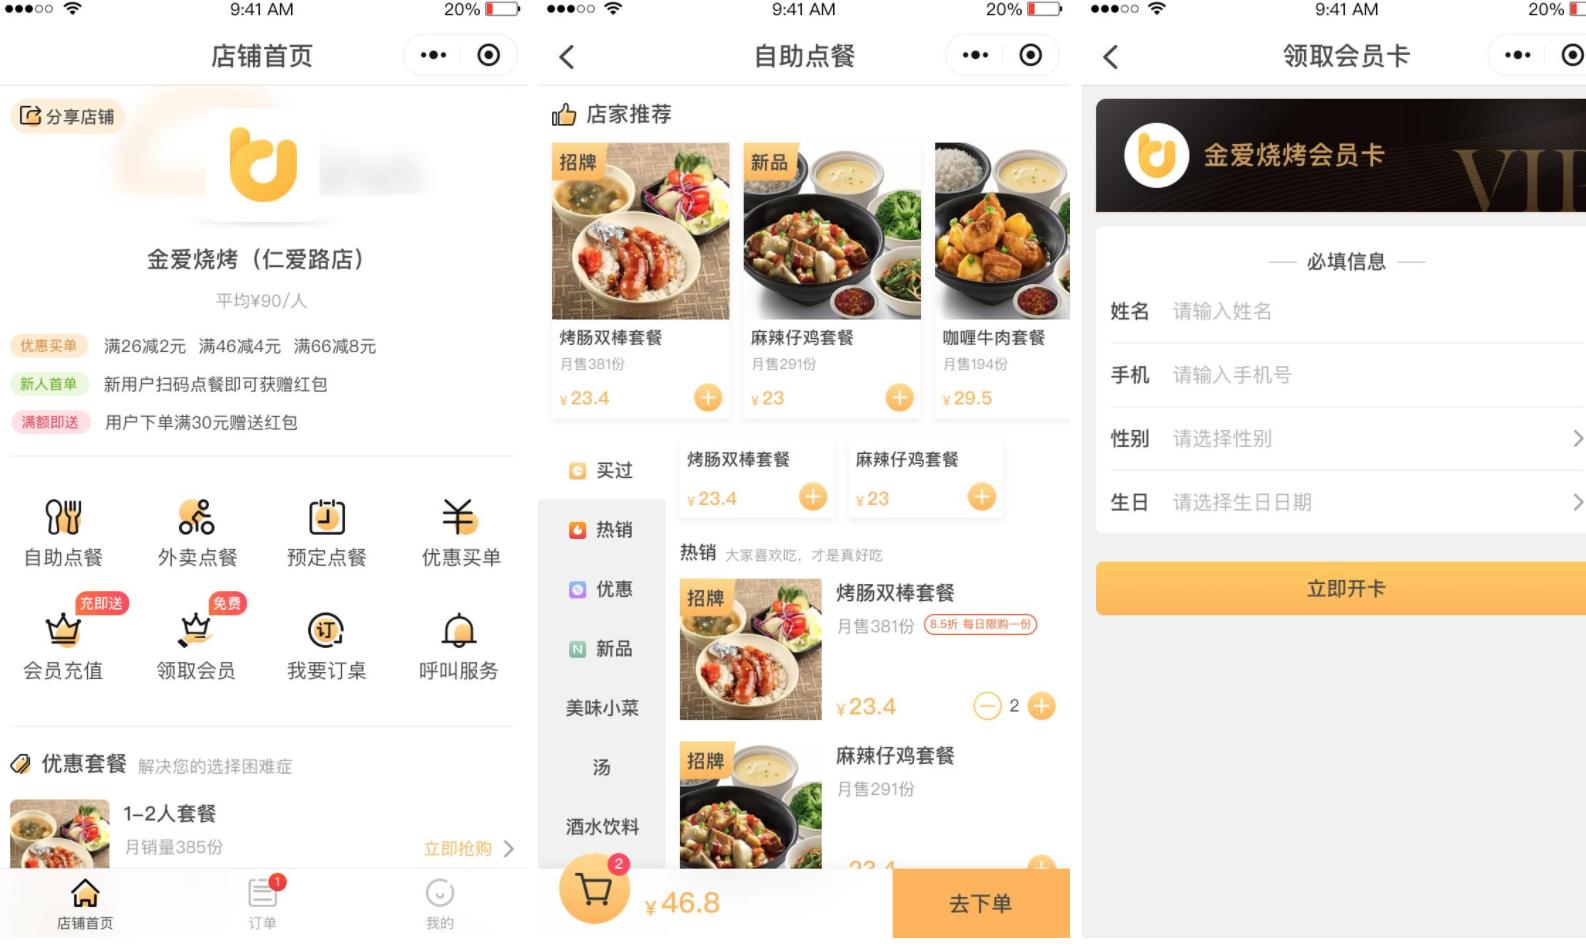 自助点餐小程序:微信自助点餐小程序优势和功能解决方案